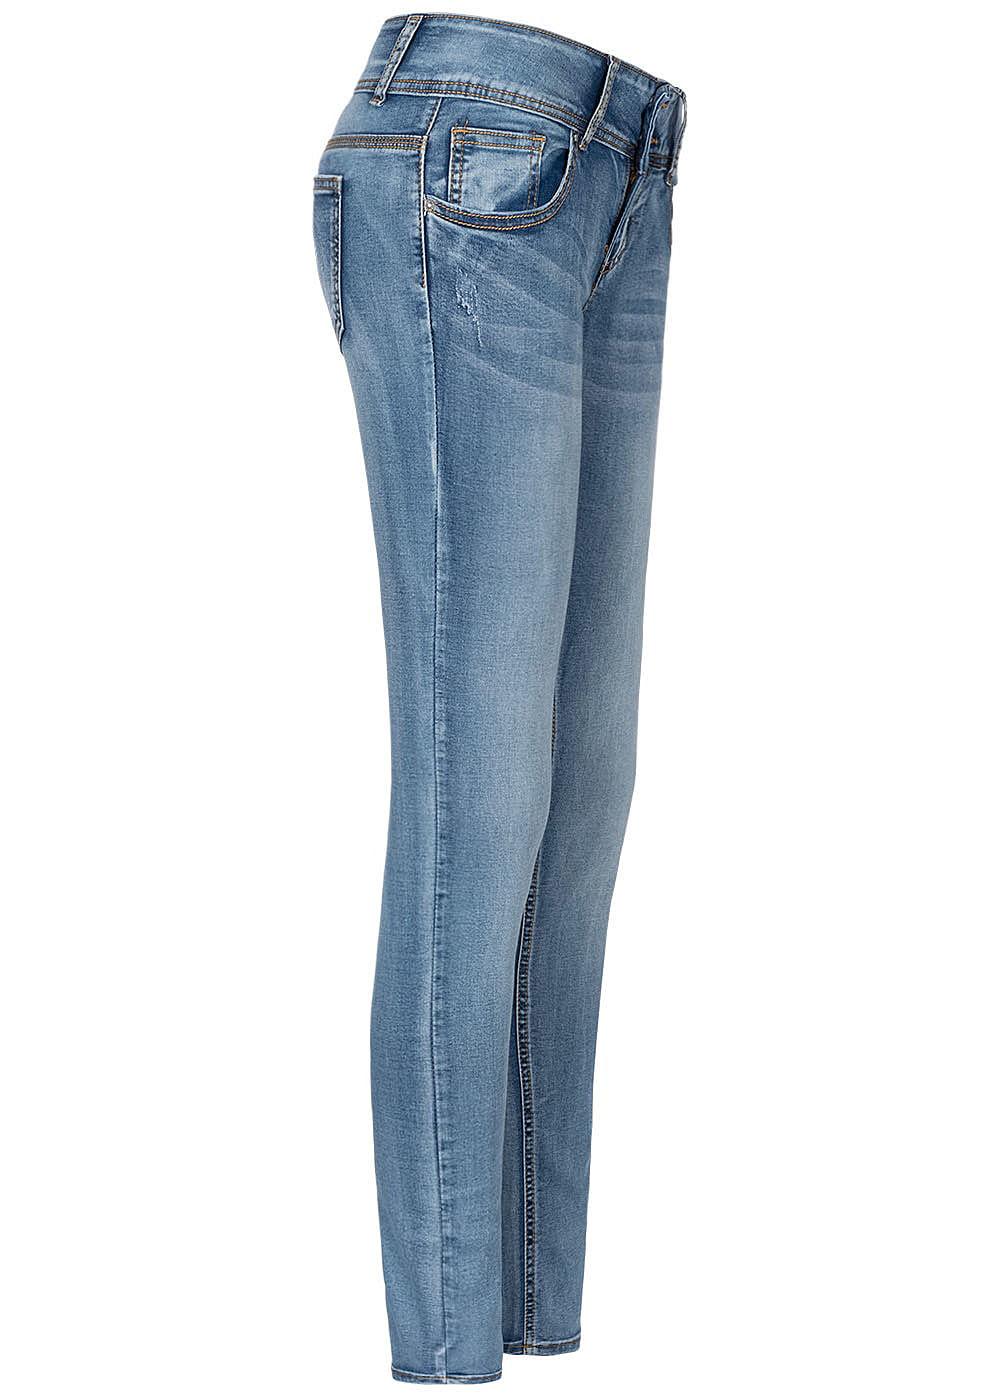 seventyseven lifestyle damen skinny jeans 5 pockets low. Black Bedroom Furniture Sets. Home Design Ideas